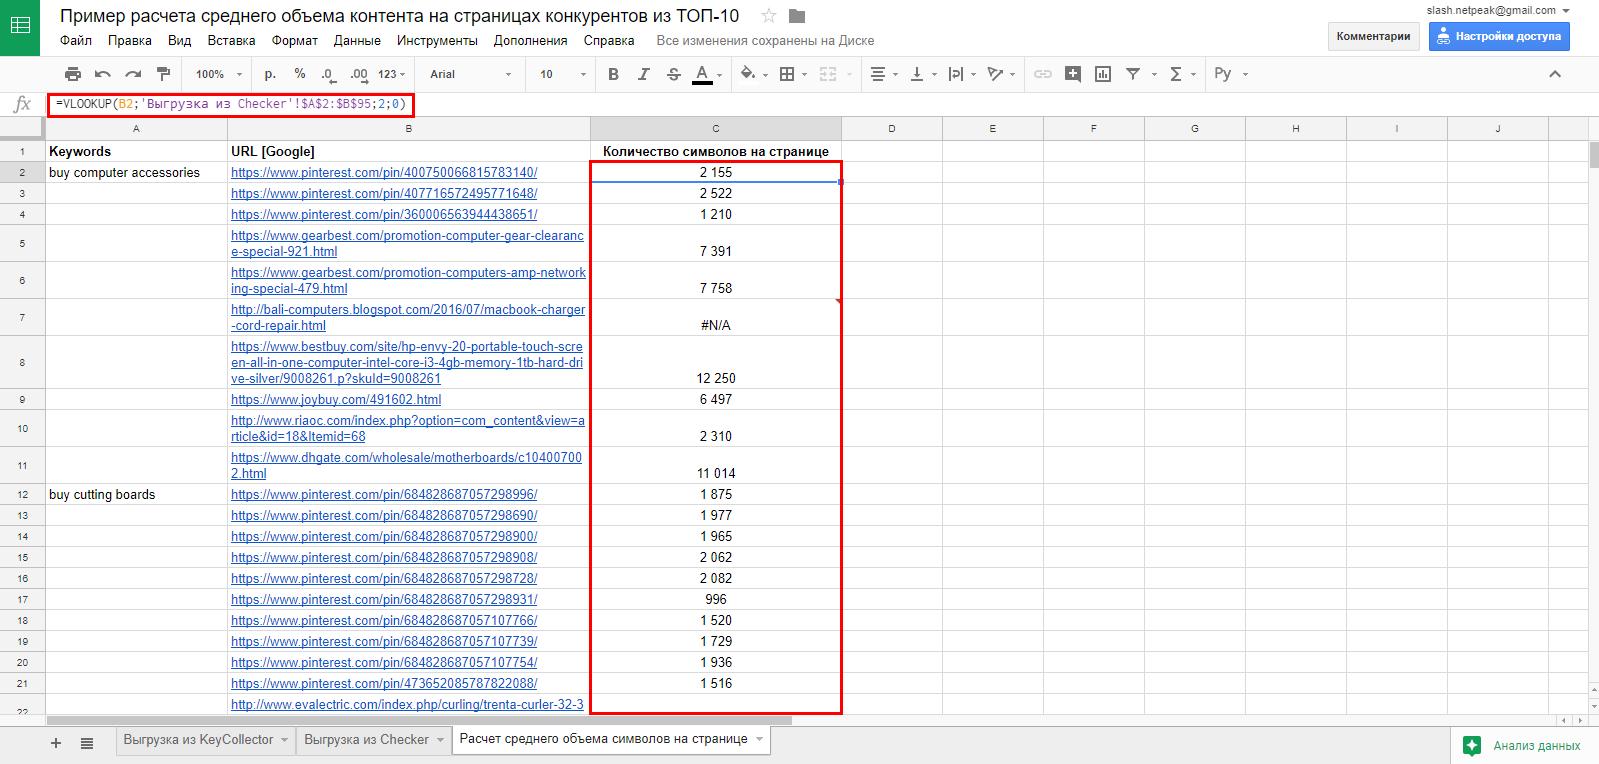 В доксе сопоставим основной список ключей и URL с количеством символов